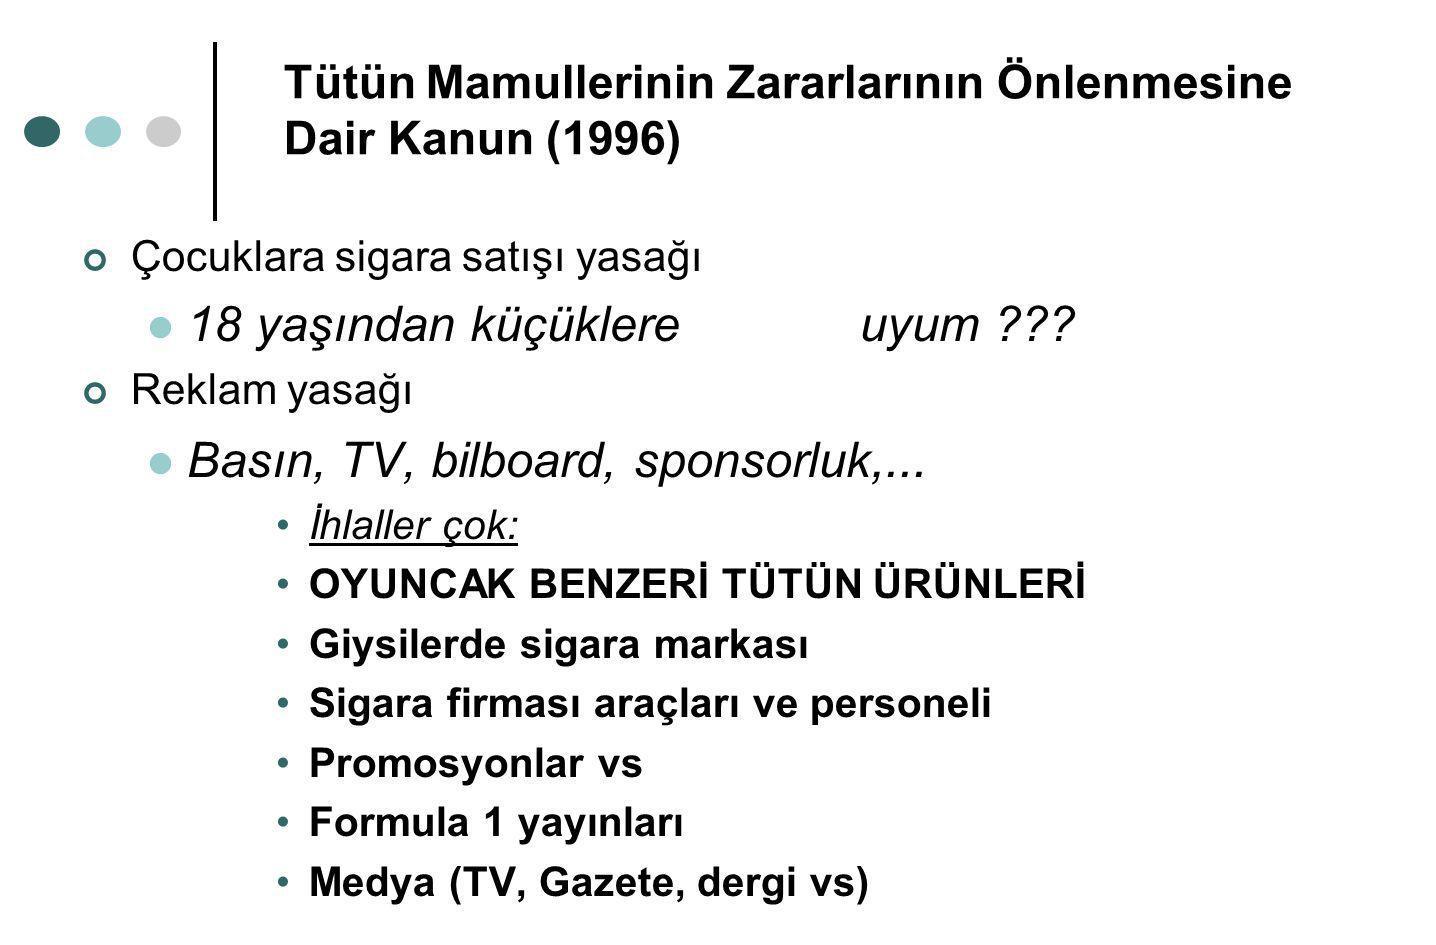 Tütün Mamullerinin Zararlarının Önlenmesine Dair Kanun (1996) Çocuklara sigara satışı yasağı  18 yaşından küçüklereuyum ??? Reklam yasağı  Basın, TV